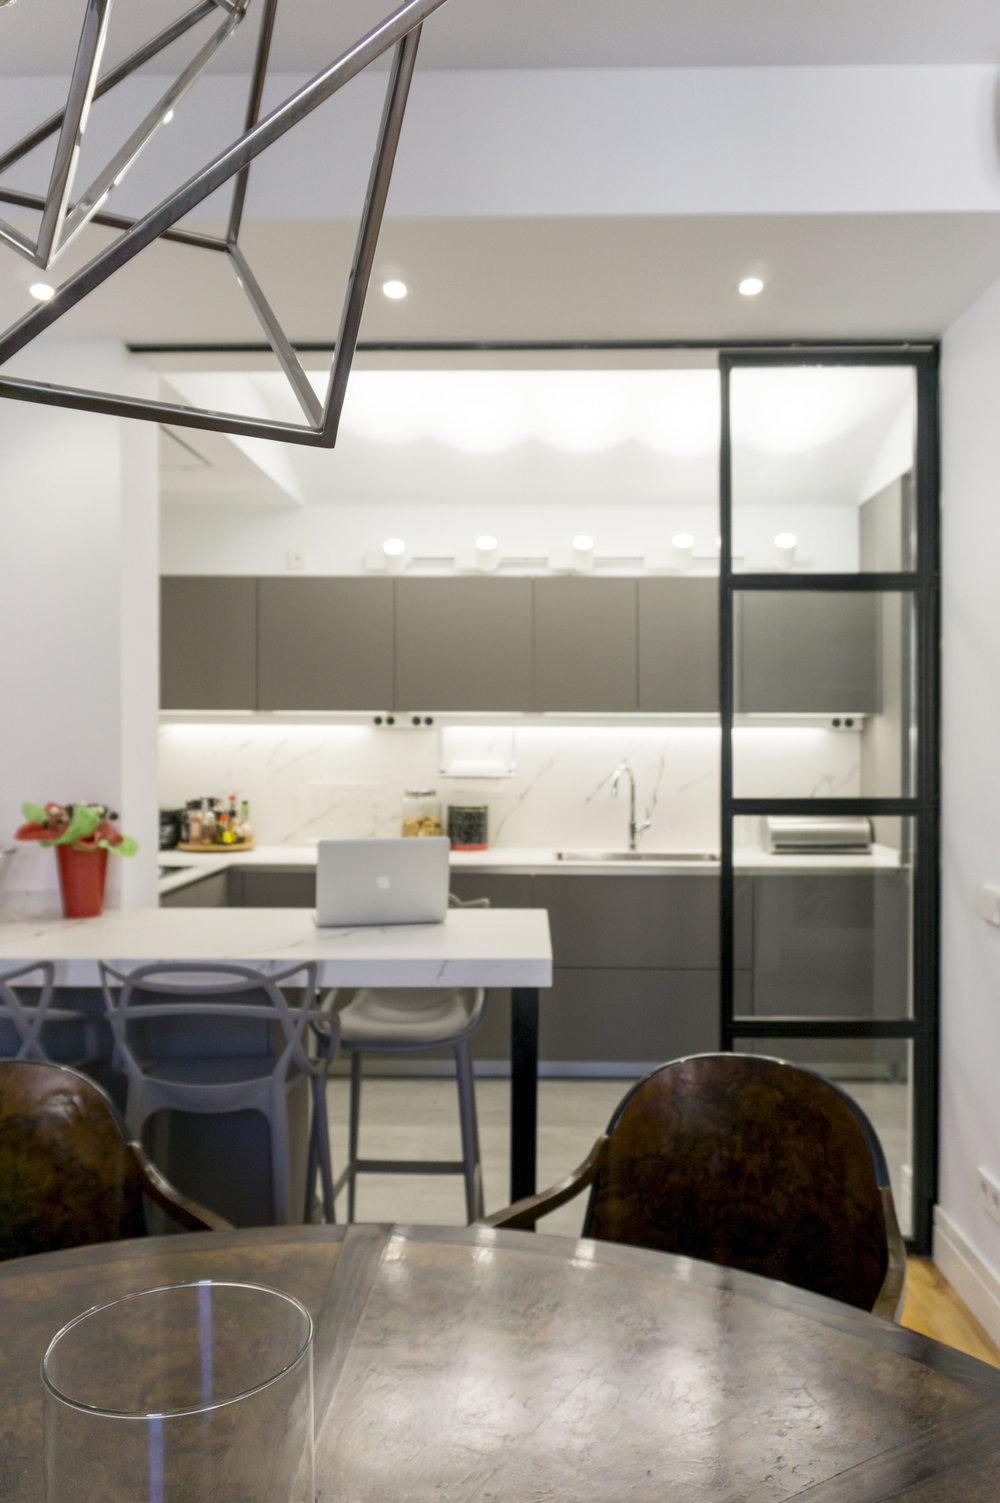 diseño reformas slow emmme studio 05 comedor cocina 2 vivienda Ayala SM.jpg